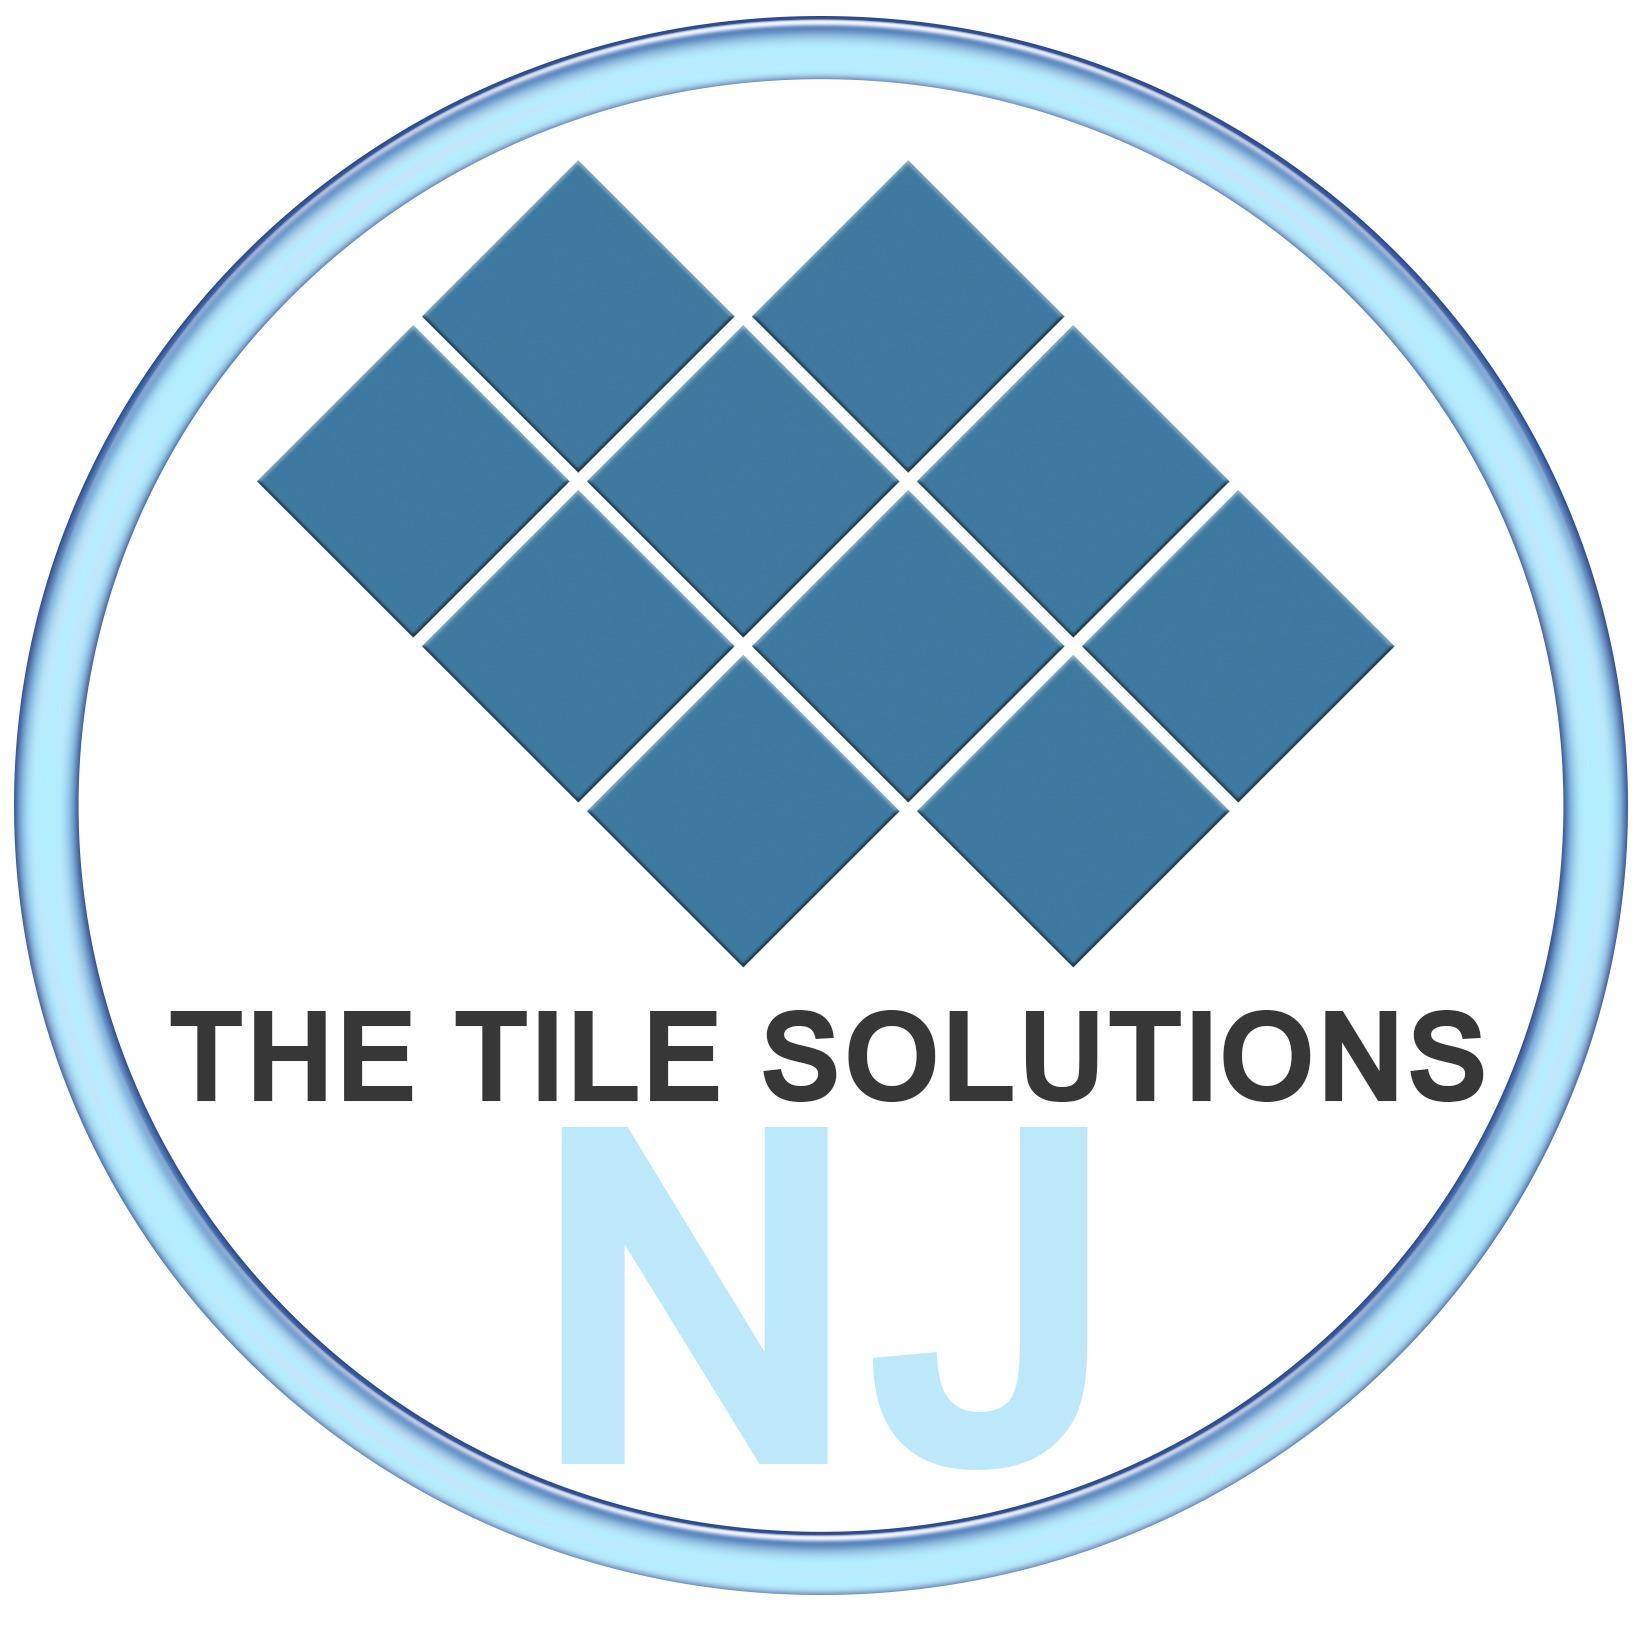 Tile Solutions LLC - Tile Contractors NJ - Tile Company NJ 07105